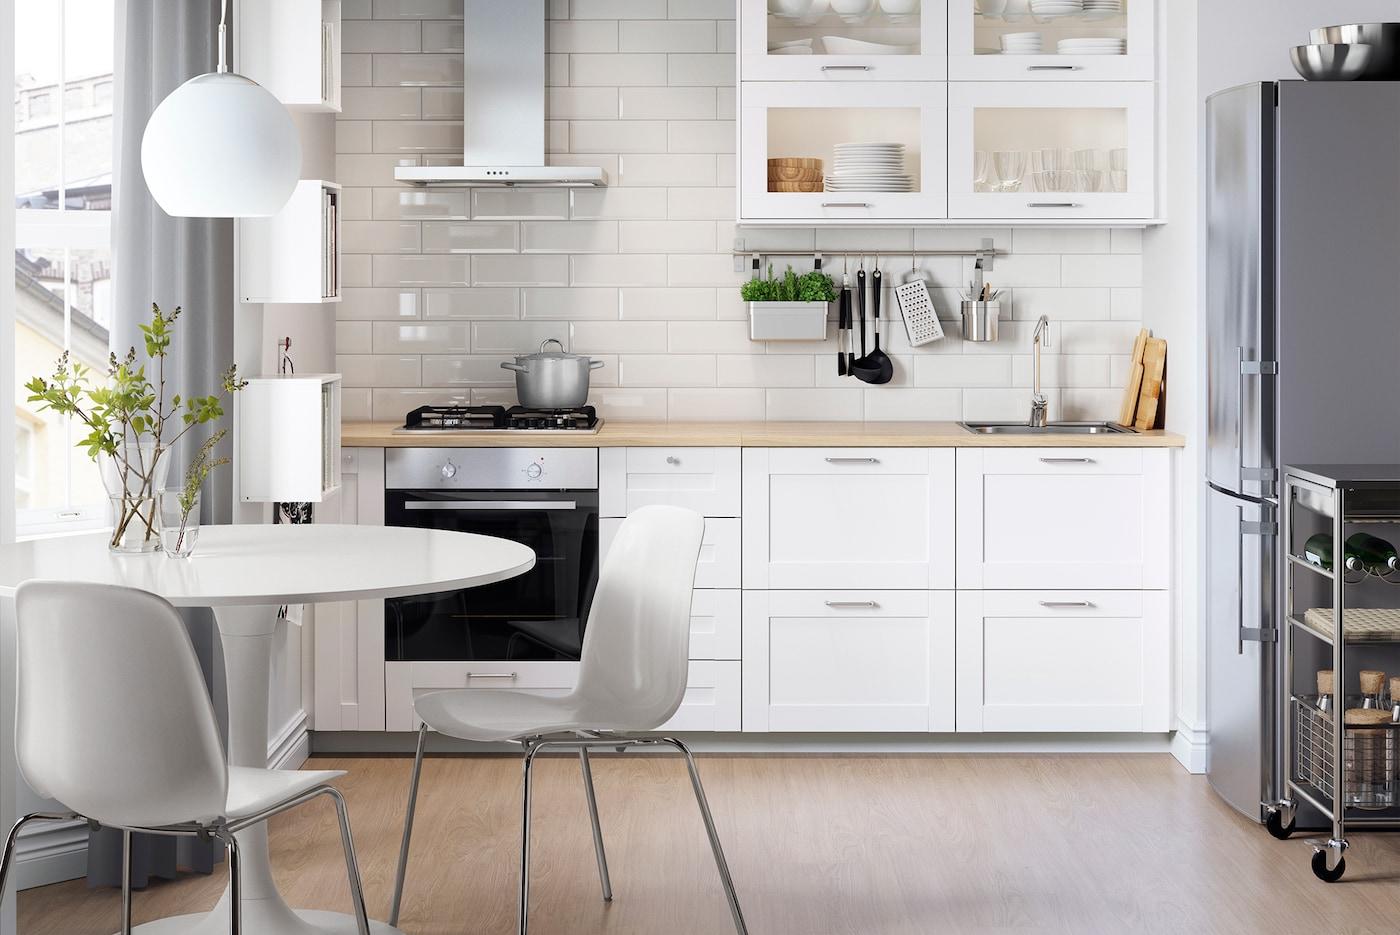 Kleine Küche einrichten & Platz optimal nutzen - IKEA ...